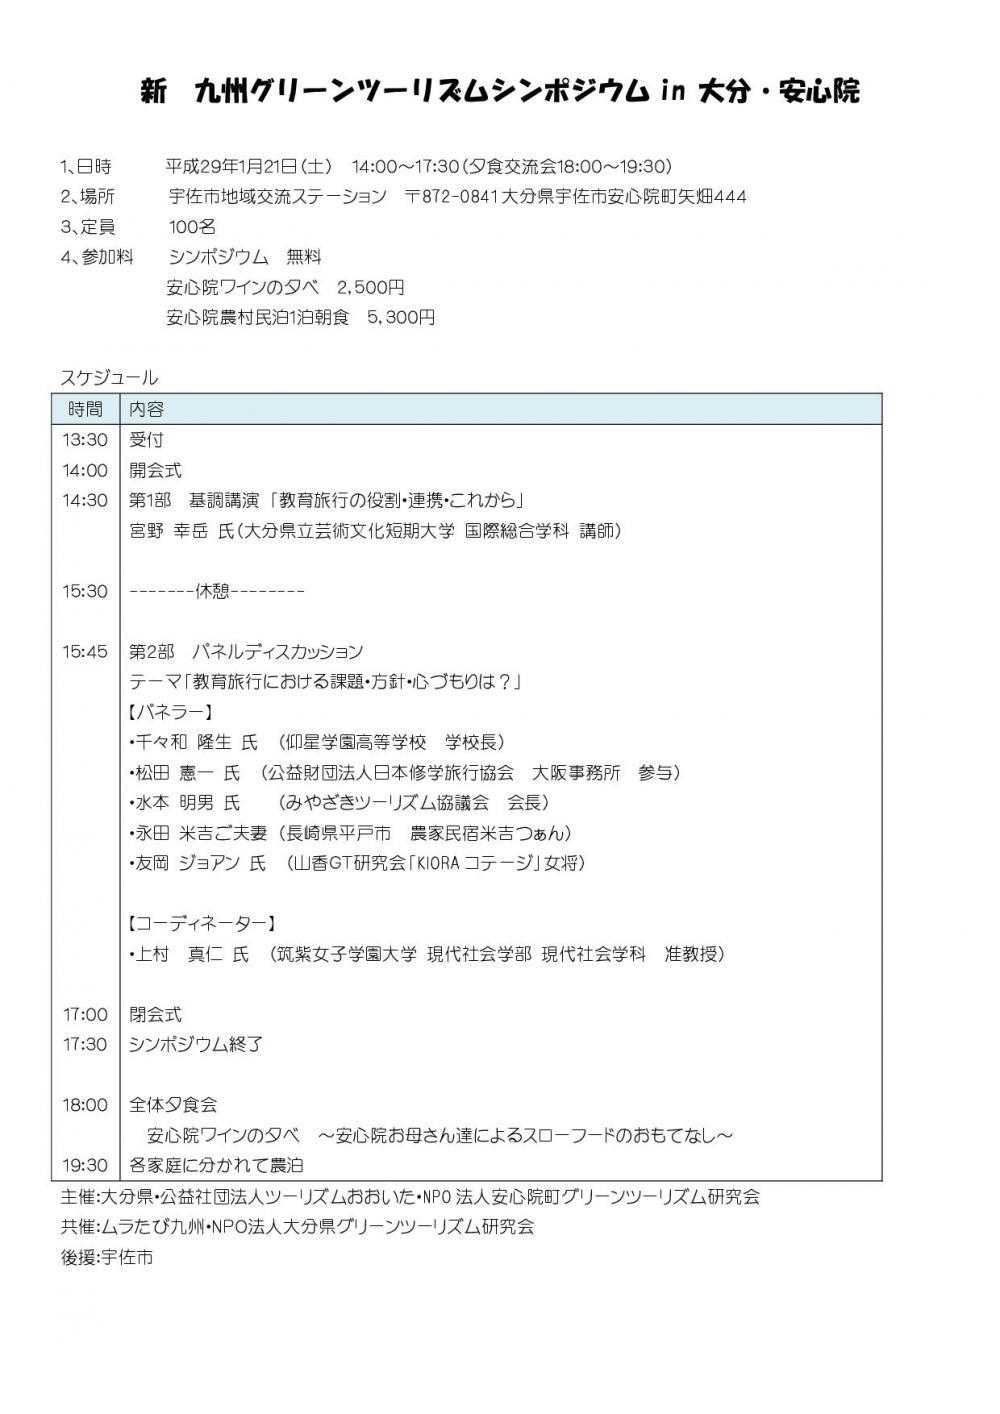 九州GTシンポ